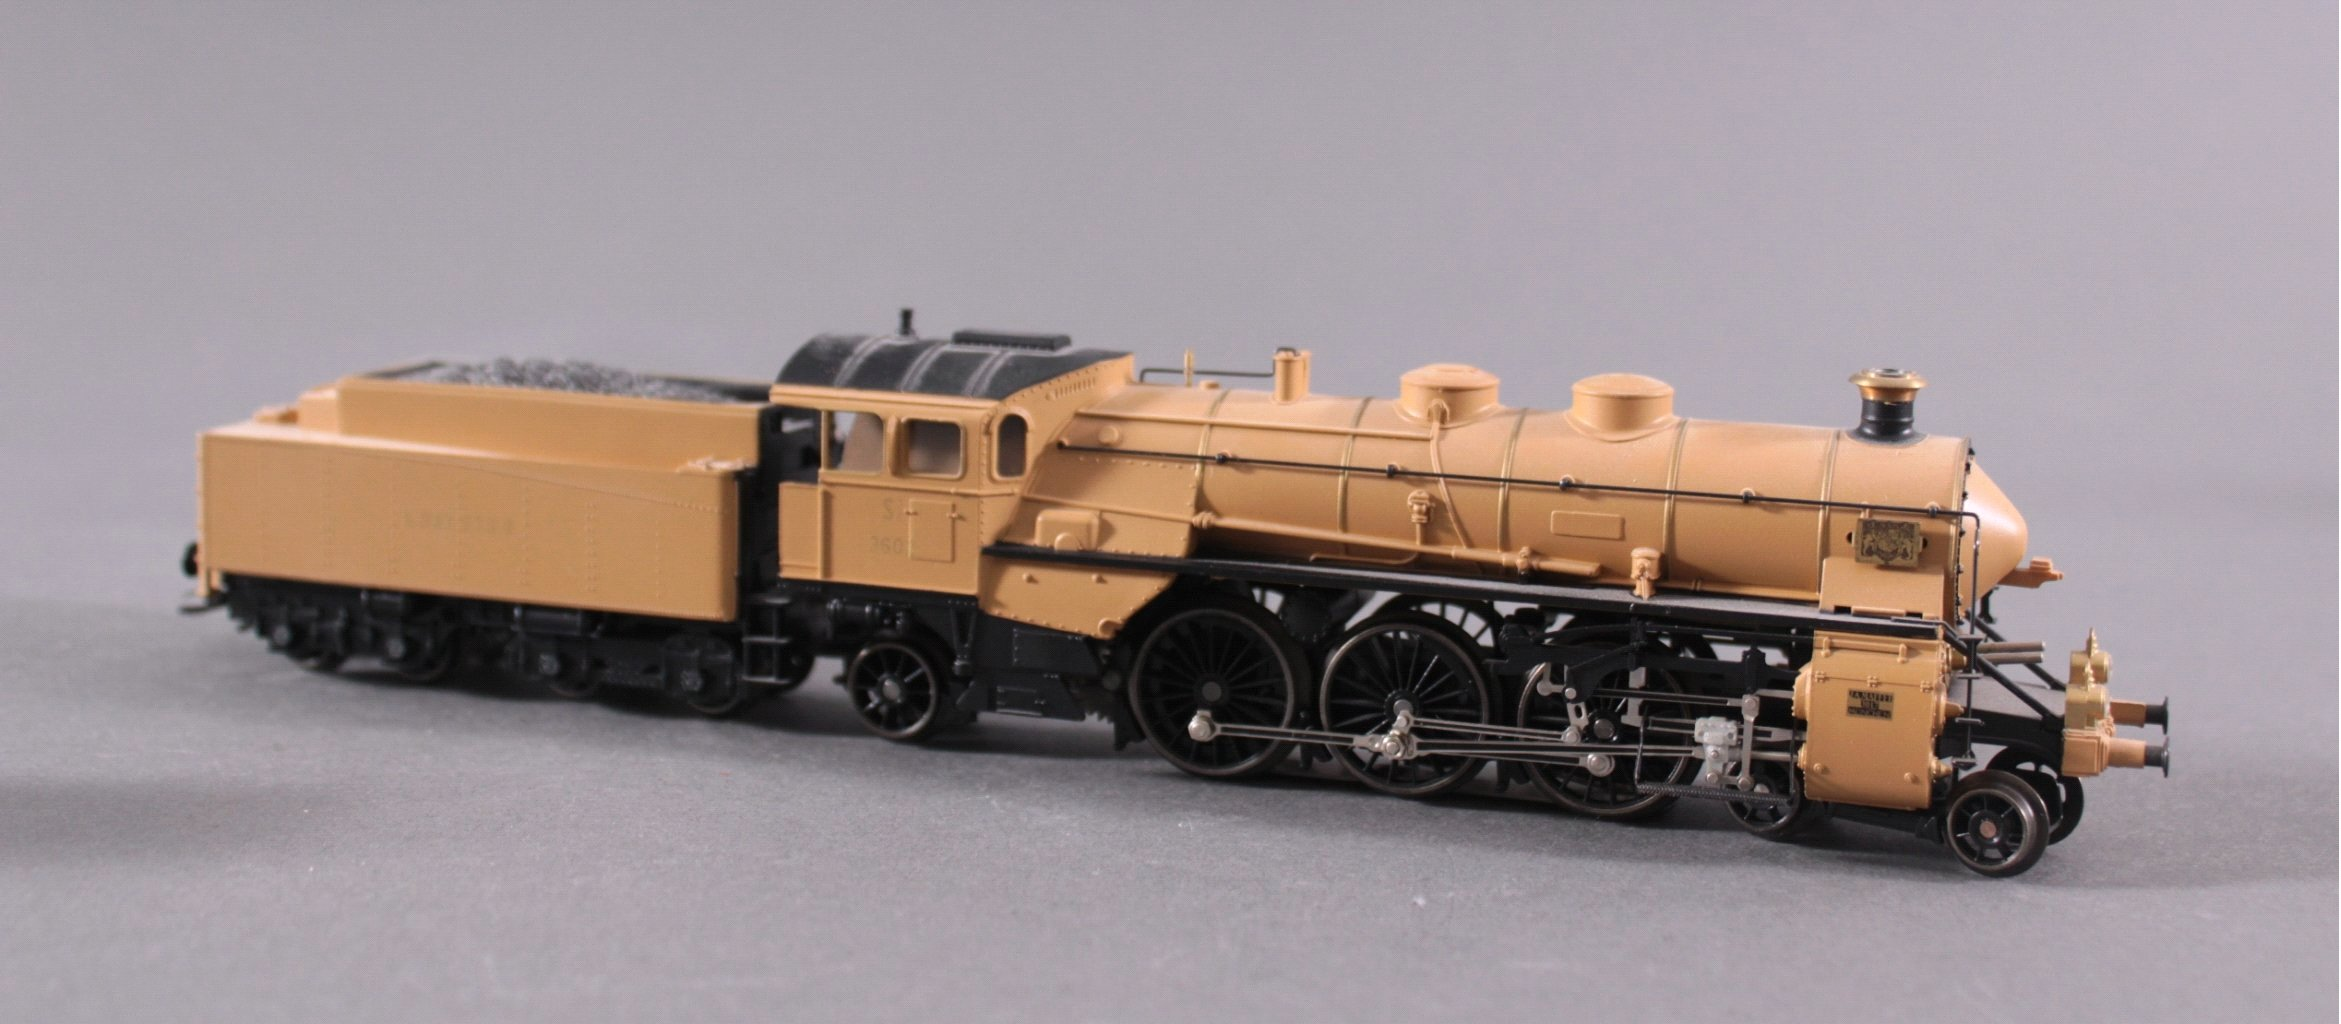 Märklin Dampflok 33185 mit 4 Waggons